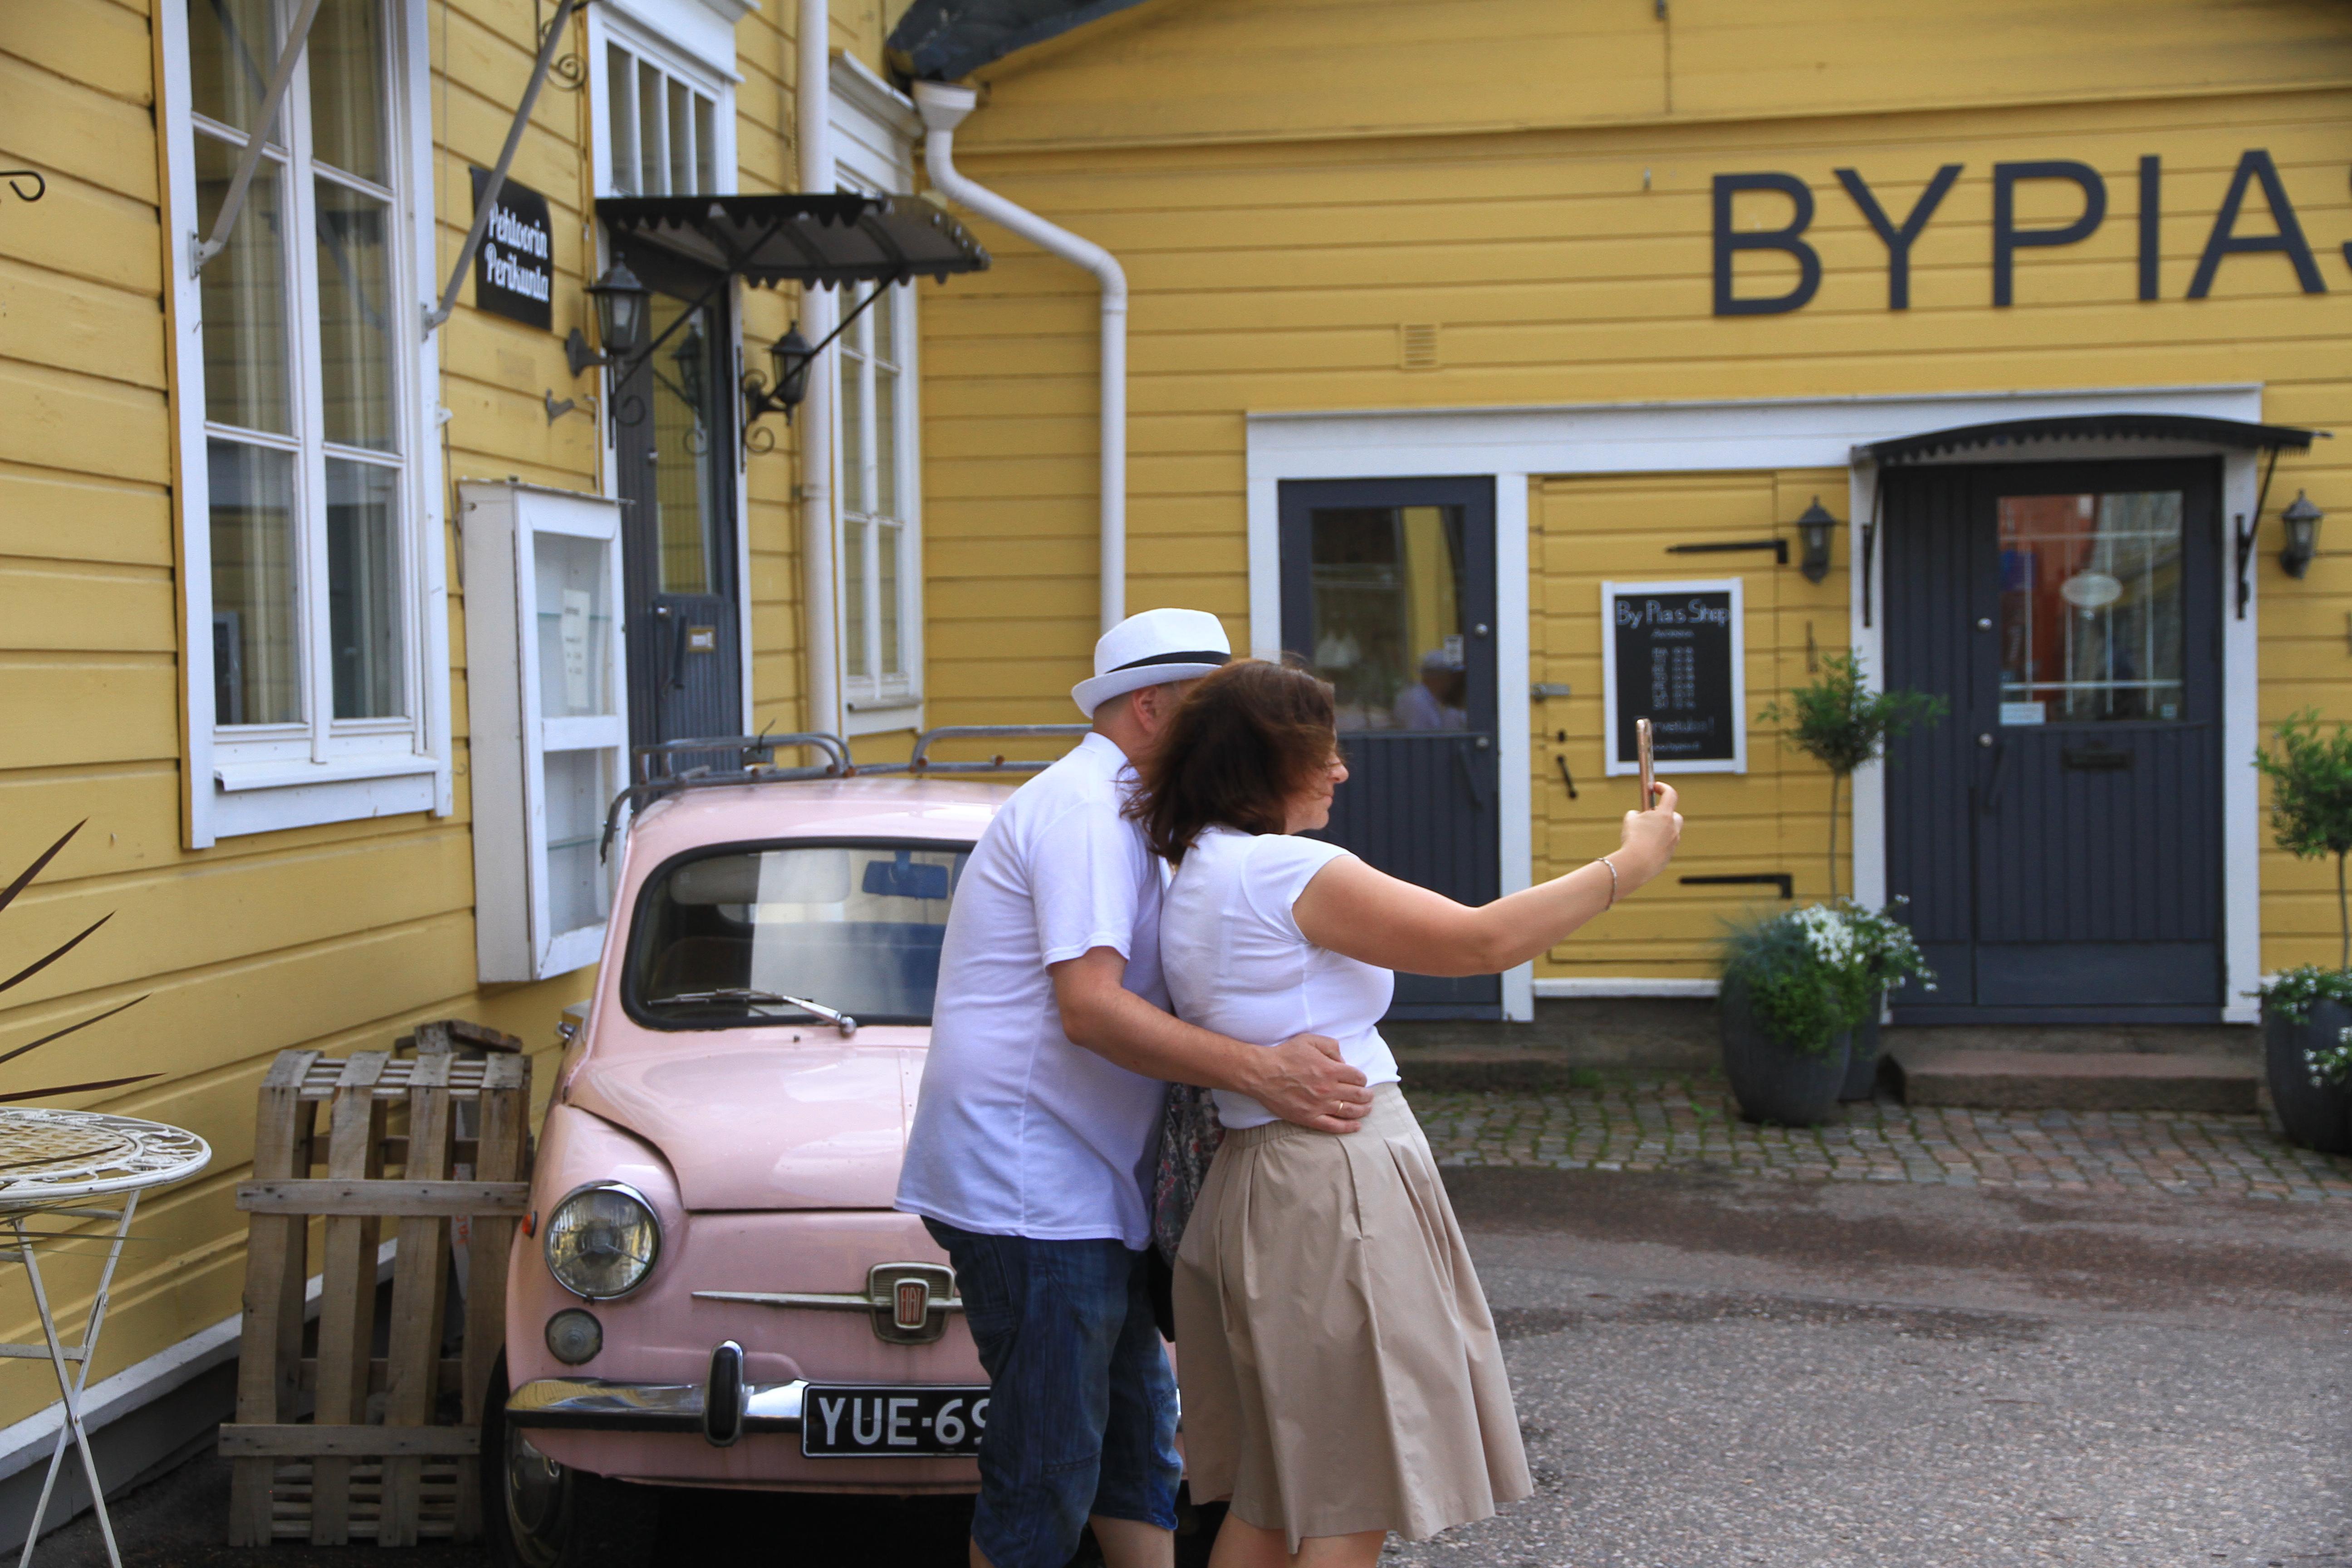 """54、芬兰波尔沃:是芬兰目前唯一保存下来的中世纪建筑小镇,被称为""""北欧木制建筑博物馆""""2"""